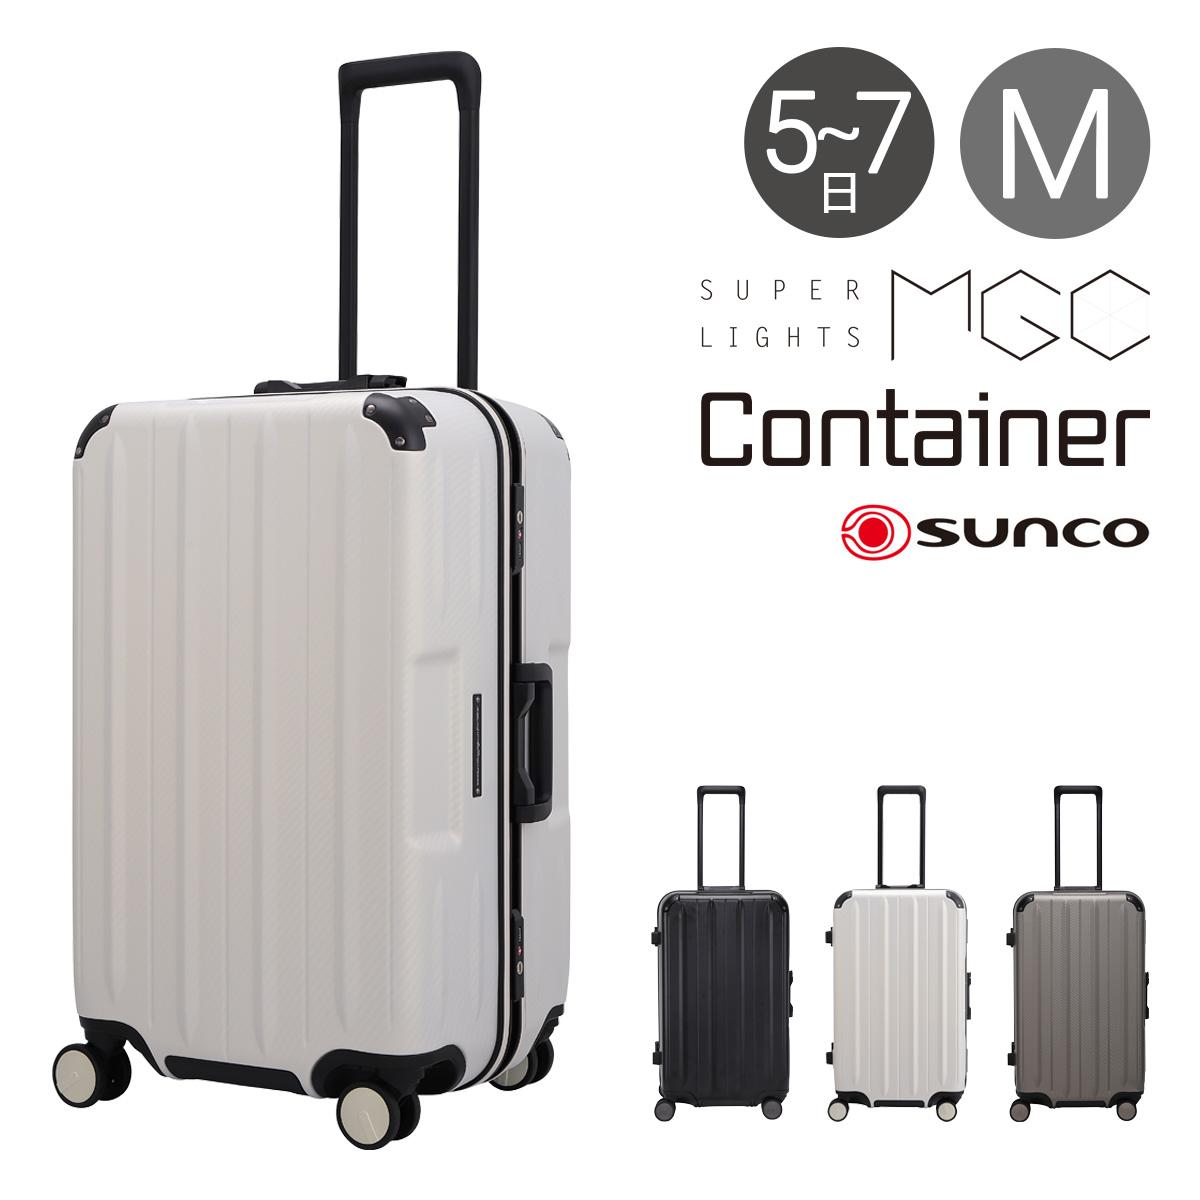 サンコー スーツケース 75L 63.5cm 4.4kg MGコンテナ MGCB-63 SUNCO MG Container|ハード フレーム キャリーバッグ キャリーケース TSAロック搭載 HINOMOTO[即日発送][PO10]